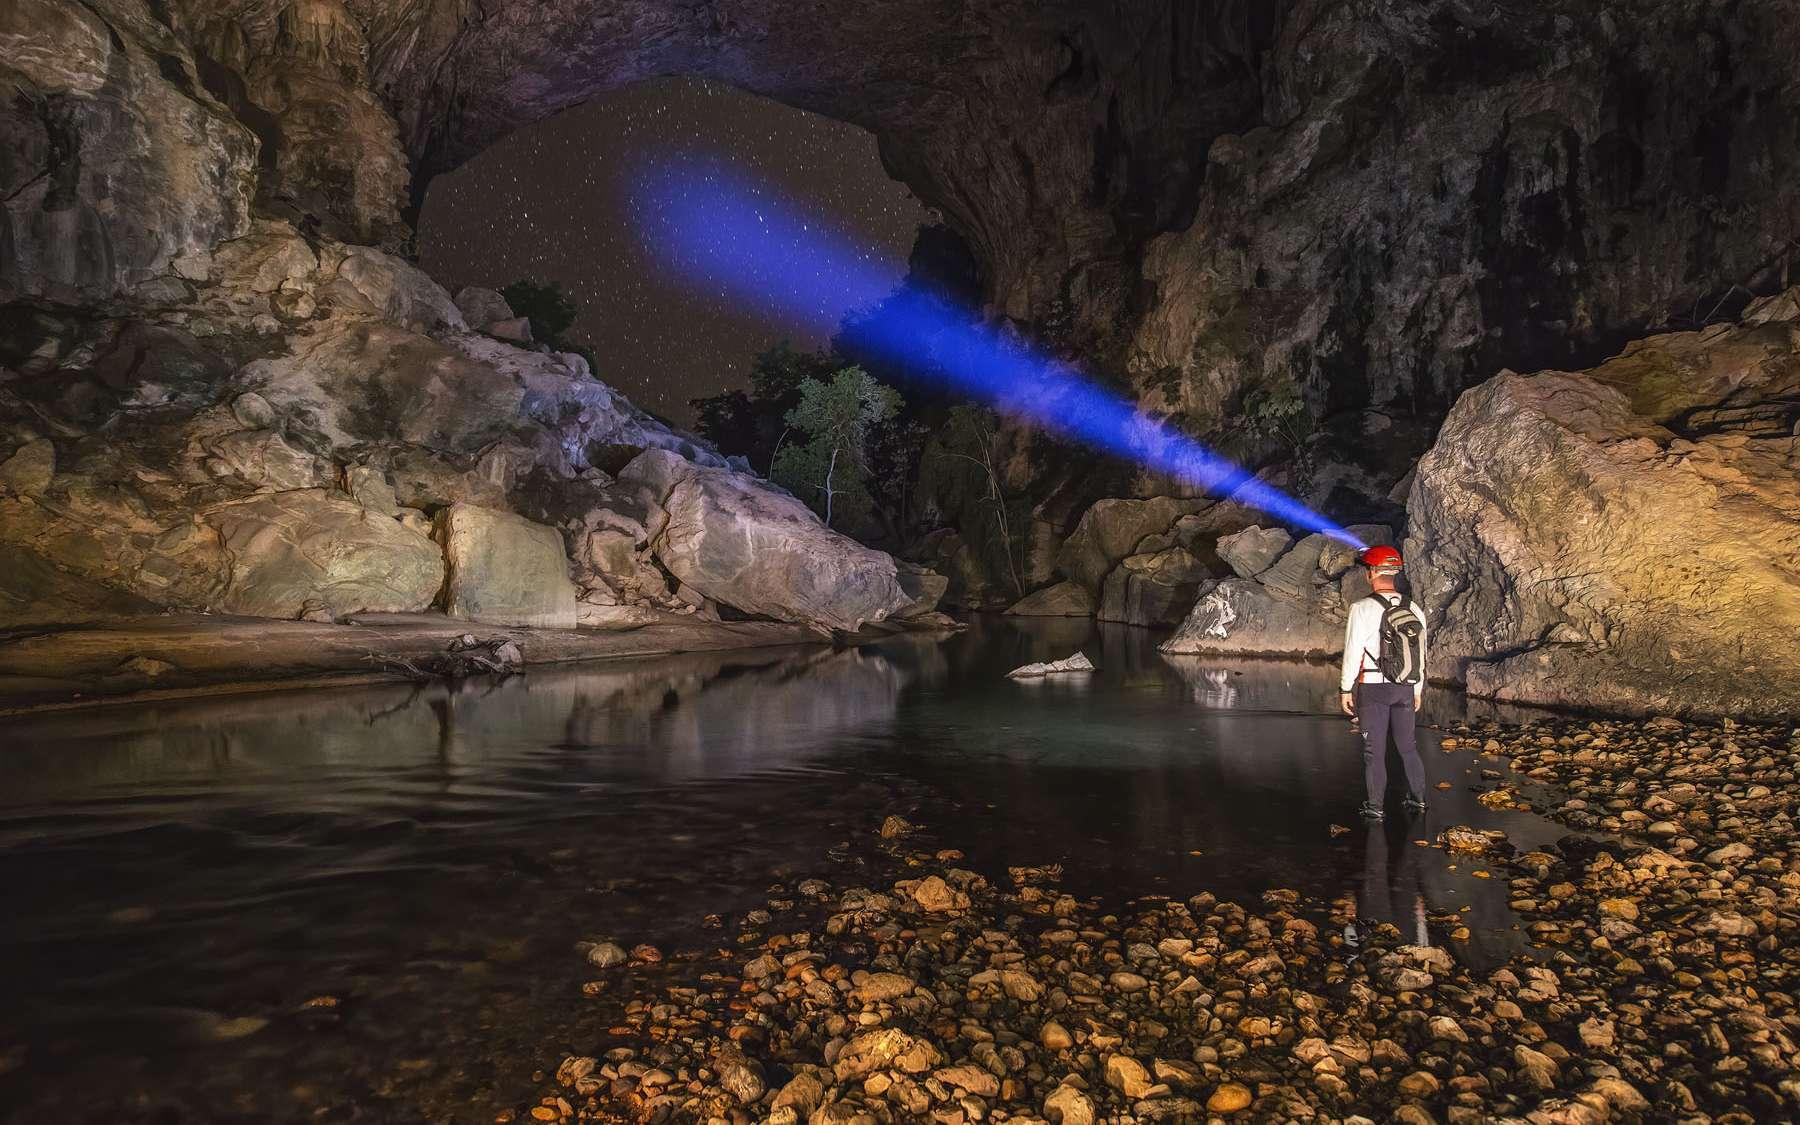 La grotte Terra Ronca constitue peut-être la principale attraction touristique du parc national de Terra Ronca (Brésil). Elle est connue pour son immense entrée qui mesure pas moins de 95 mètres de haut et 120 mètres de large. Mais également pour la grandeur de ses diverses salles qui se dévoilent sur un parcours de quelque huit kilomètres de long.On y trouve notamment une formation qui ressemble à s'y méprendre à un autel. Un autel de 760 mètres de long et de 100 mètres de haut, tout de même. Depuis 1929, des milliers de pèlerins se rassemblent ici chaque mois d'août pour assister à une cérémonie religieuse et dans l'attente du miracle qui les guérira de leurs maux. © Marcio Cabral, Tous droits réservés